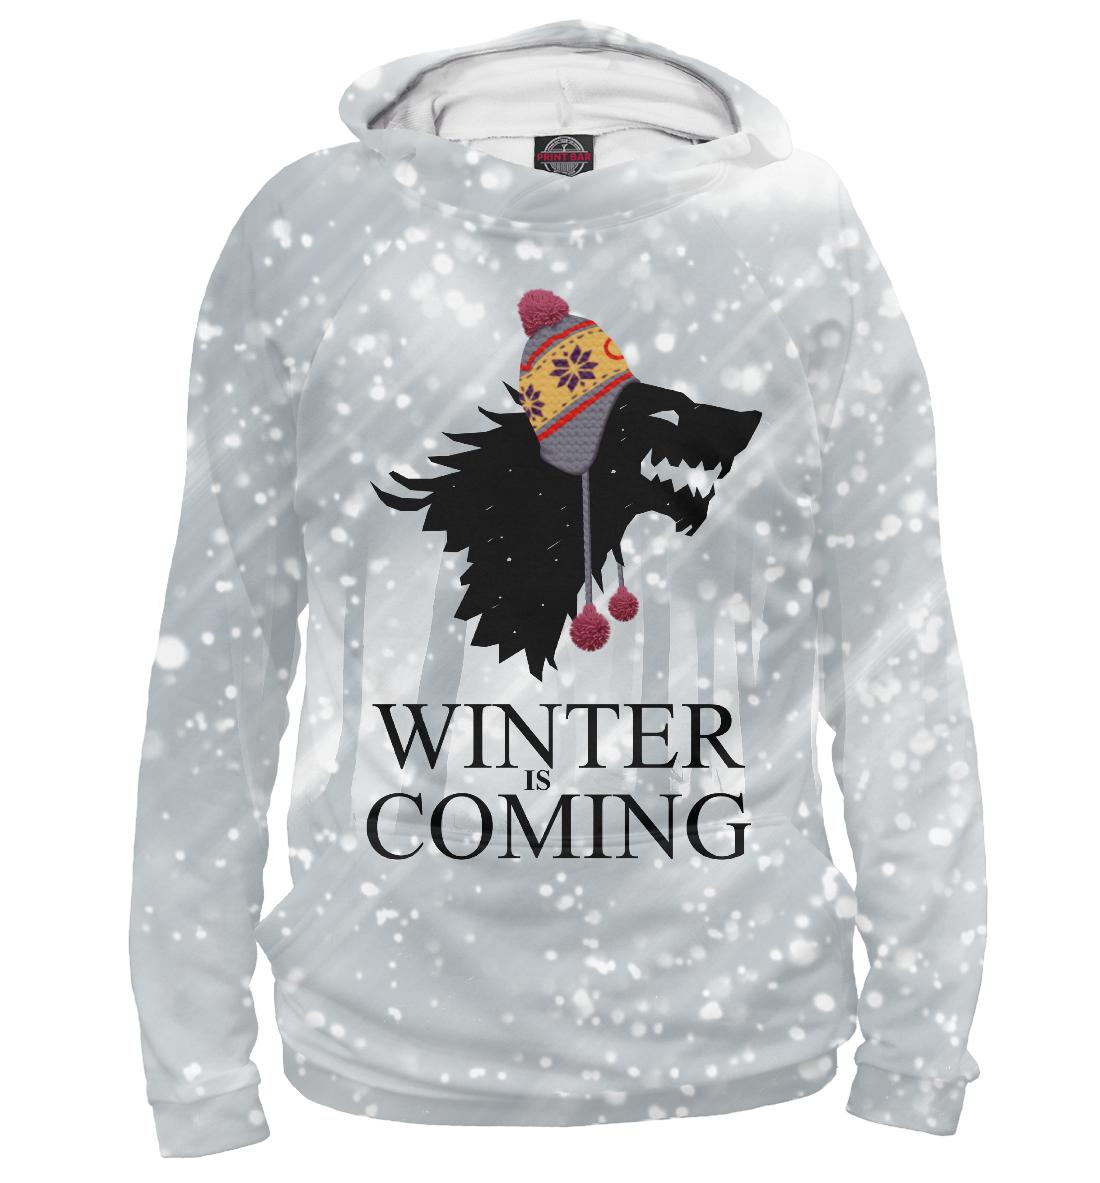 Купить Зима близко, Printbar, Худи, IGR-323519-hud-1